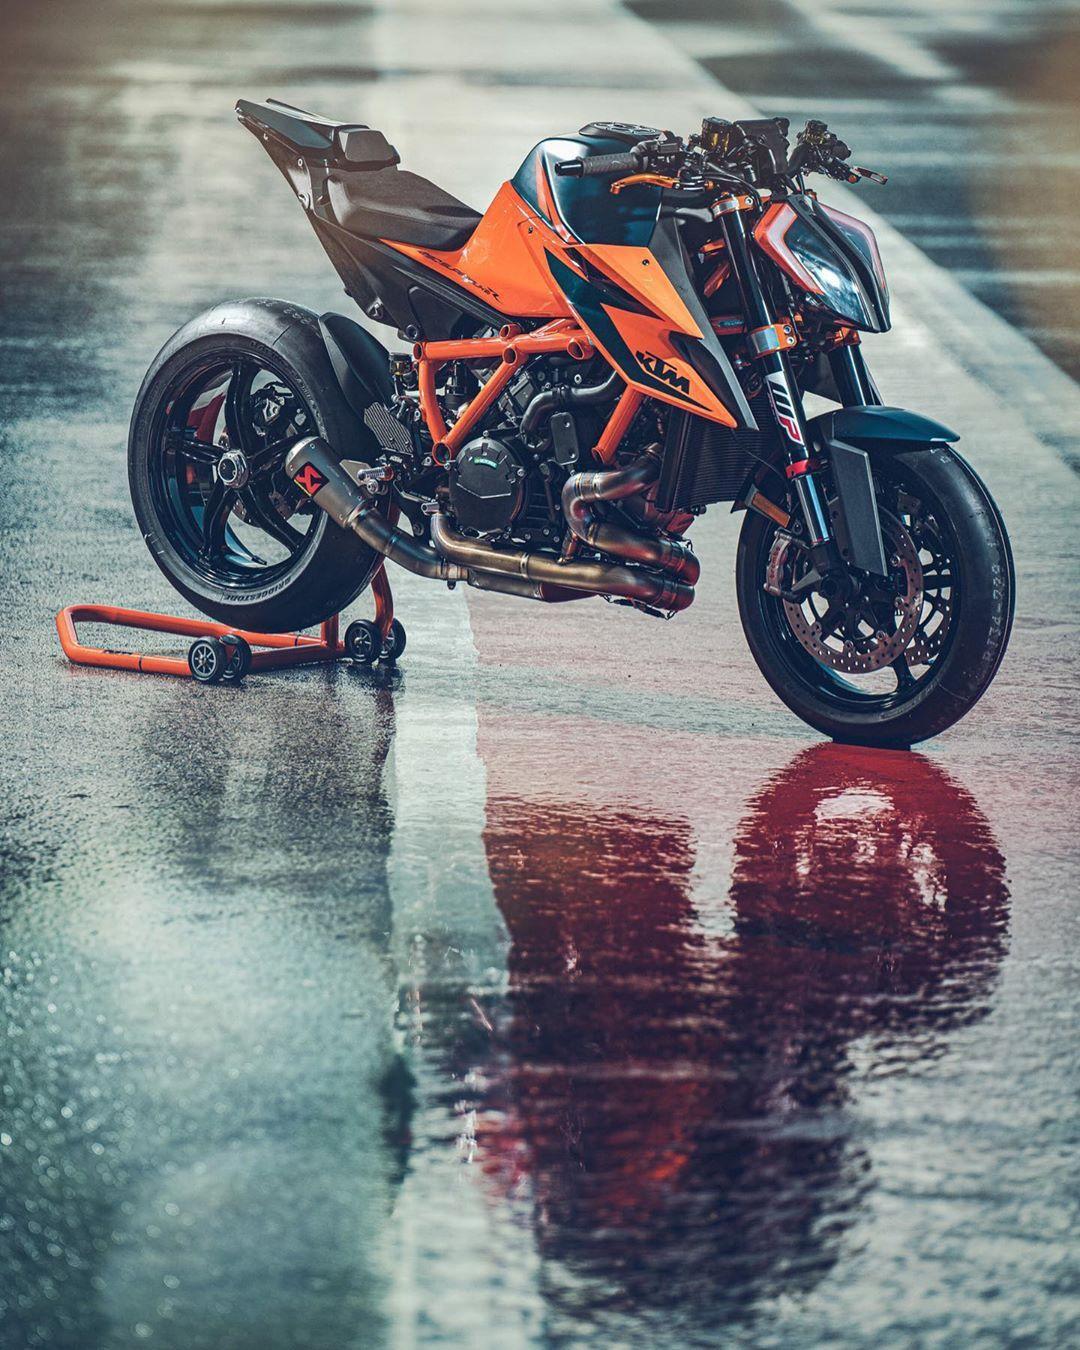 Ktm 1290 Super Duke R 2020 Ktm Motorcycles Ktm Ktm Super Duke Get ktm super duke r wallpaper hd